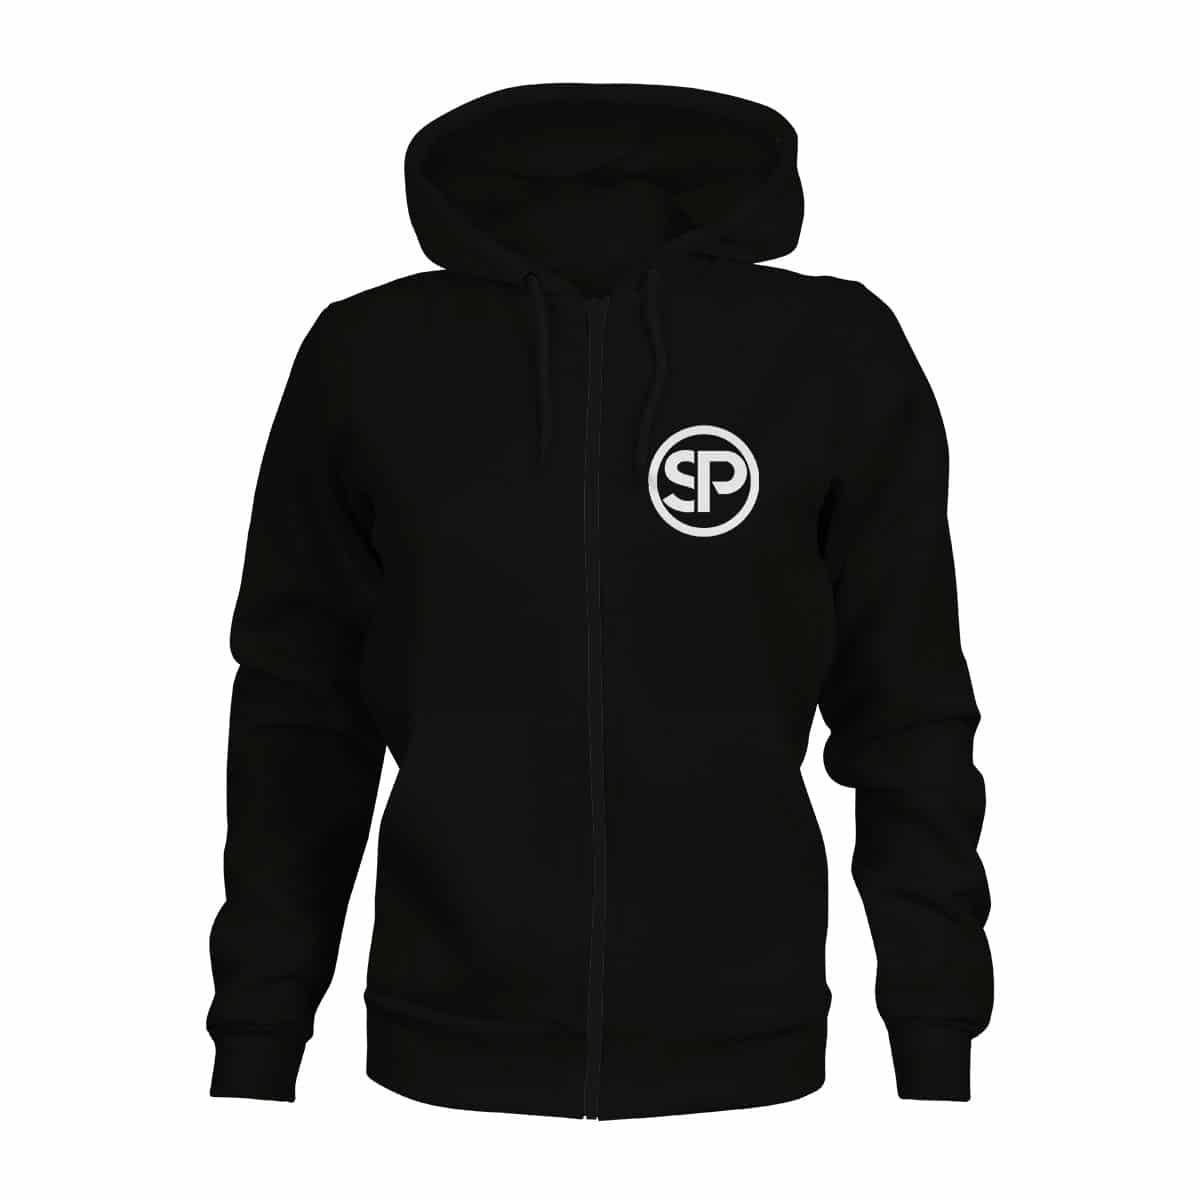 zip hoodie damen sven polenz schwarz